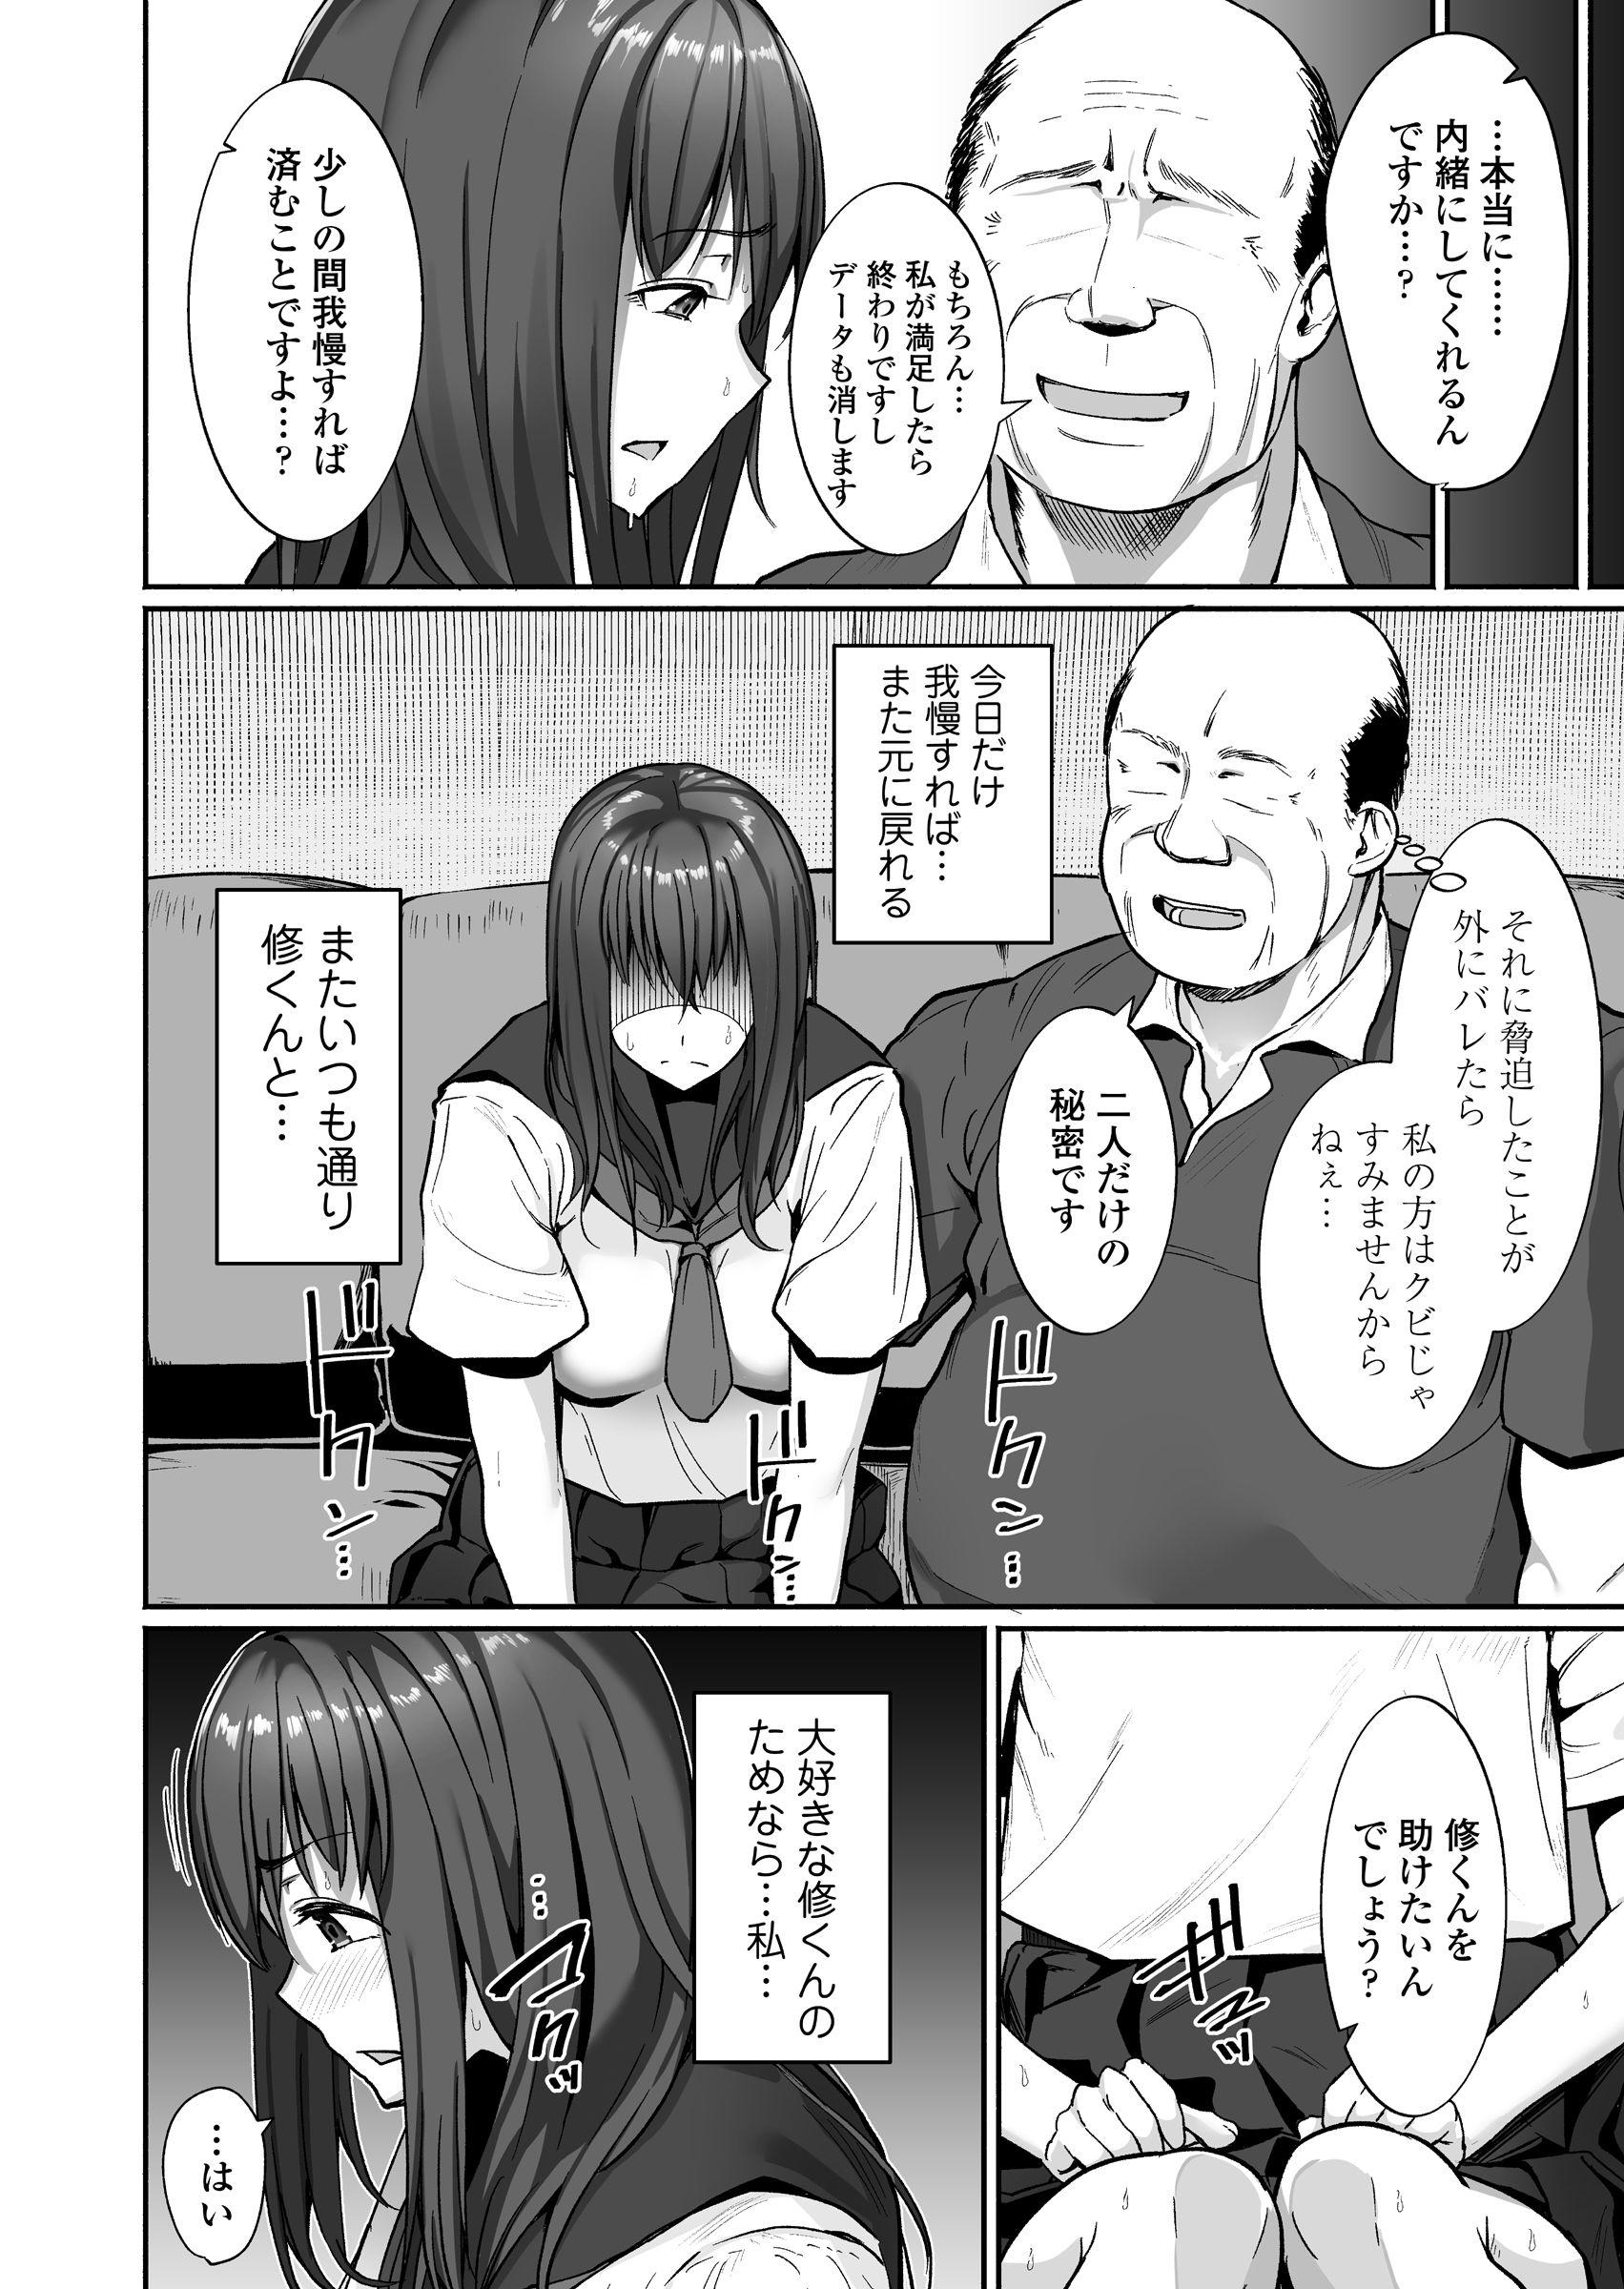 【三崎 同人】NTR生徒指導